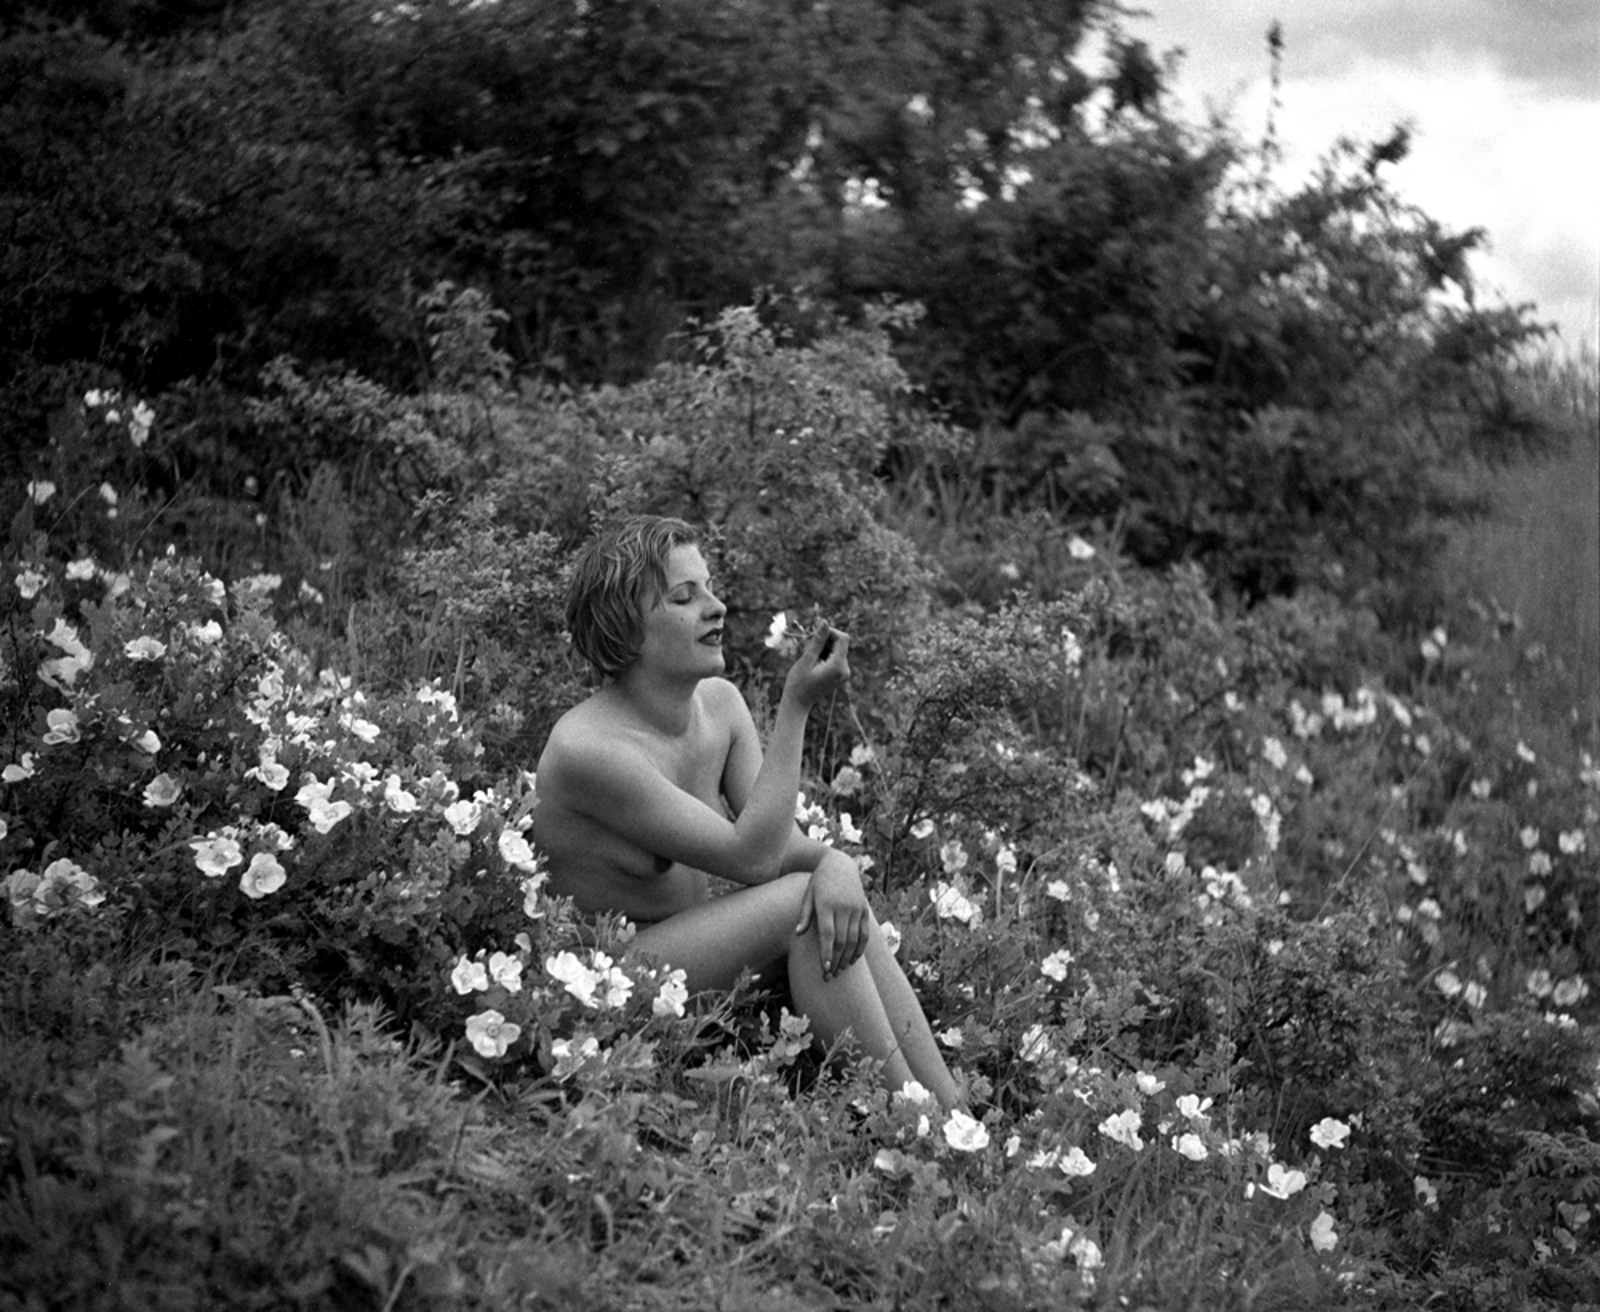 Автор на скандалните за времето си снимки е Георги Ст. Георгиев, основоположник на съвременната фотография у нас.